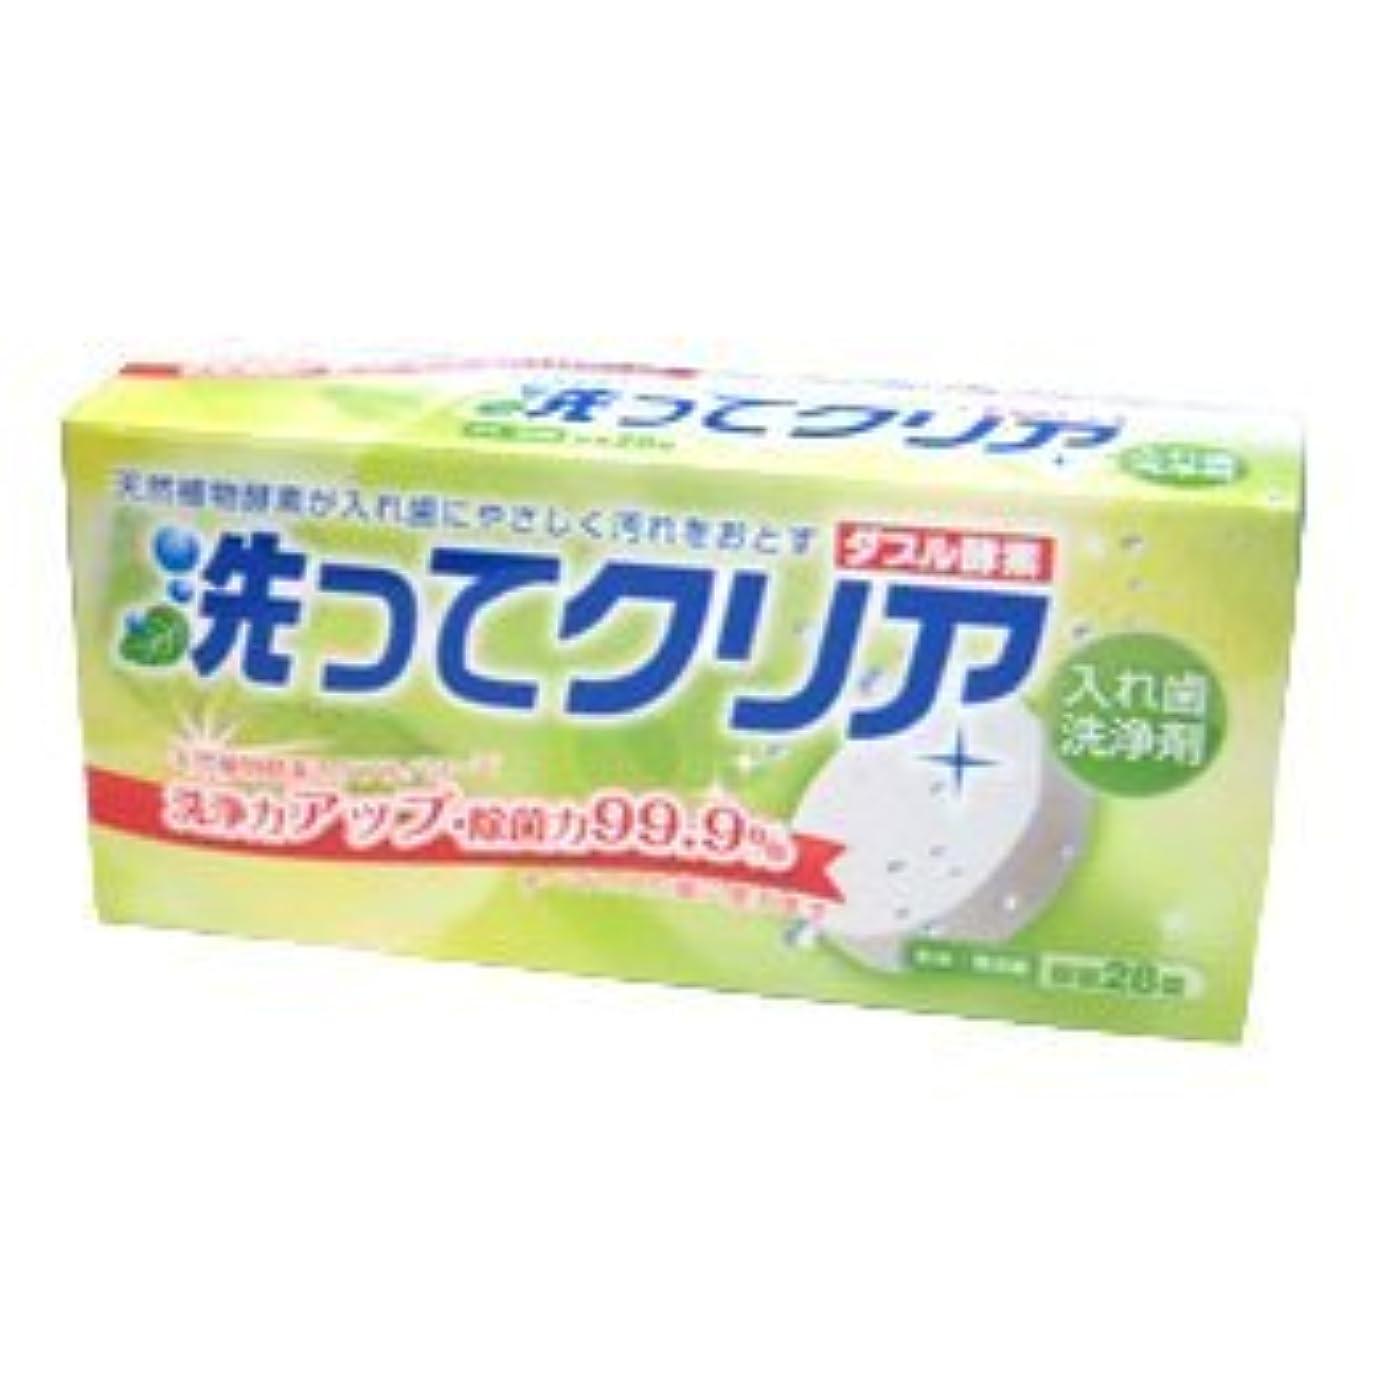 髄ねじれ異議東伸洋行株式会社 洗ってクリア ダブル酵素 28錠 入れ歯洗浄剤